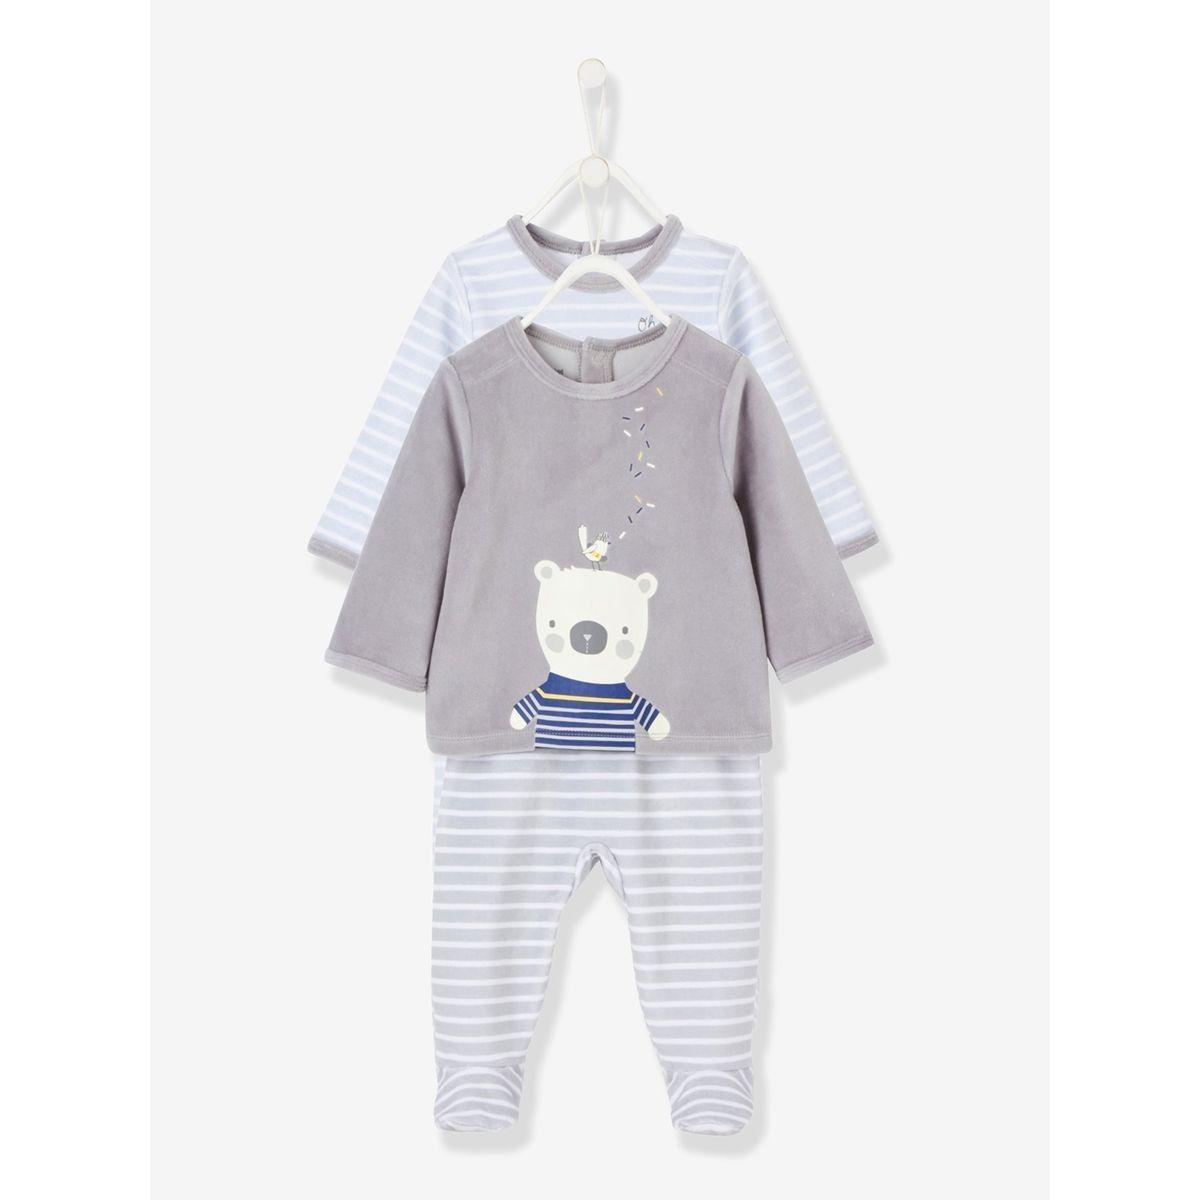 3 ans Nouveau Pack De 2 Filles pour bébé Top /& long pantalon de pyjama 0 mois